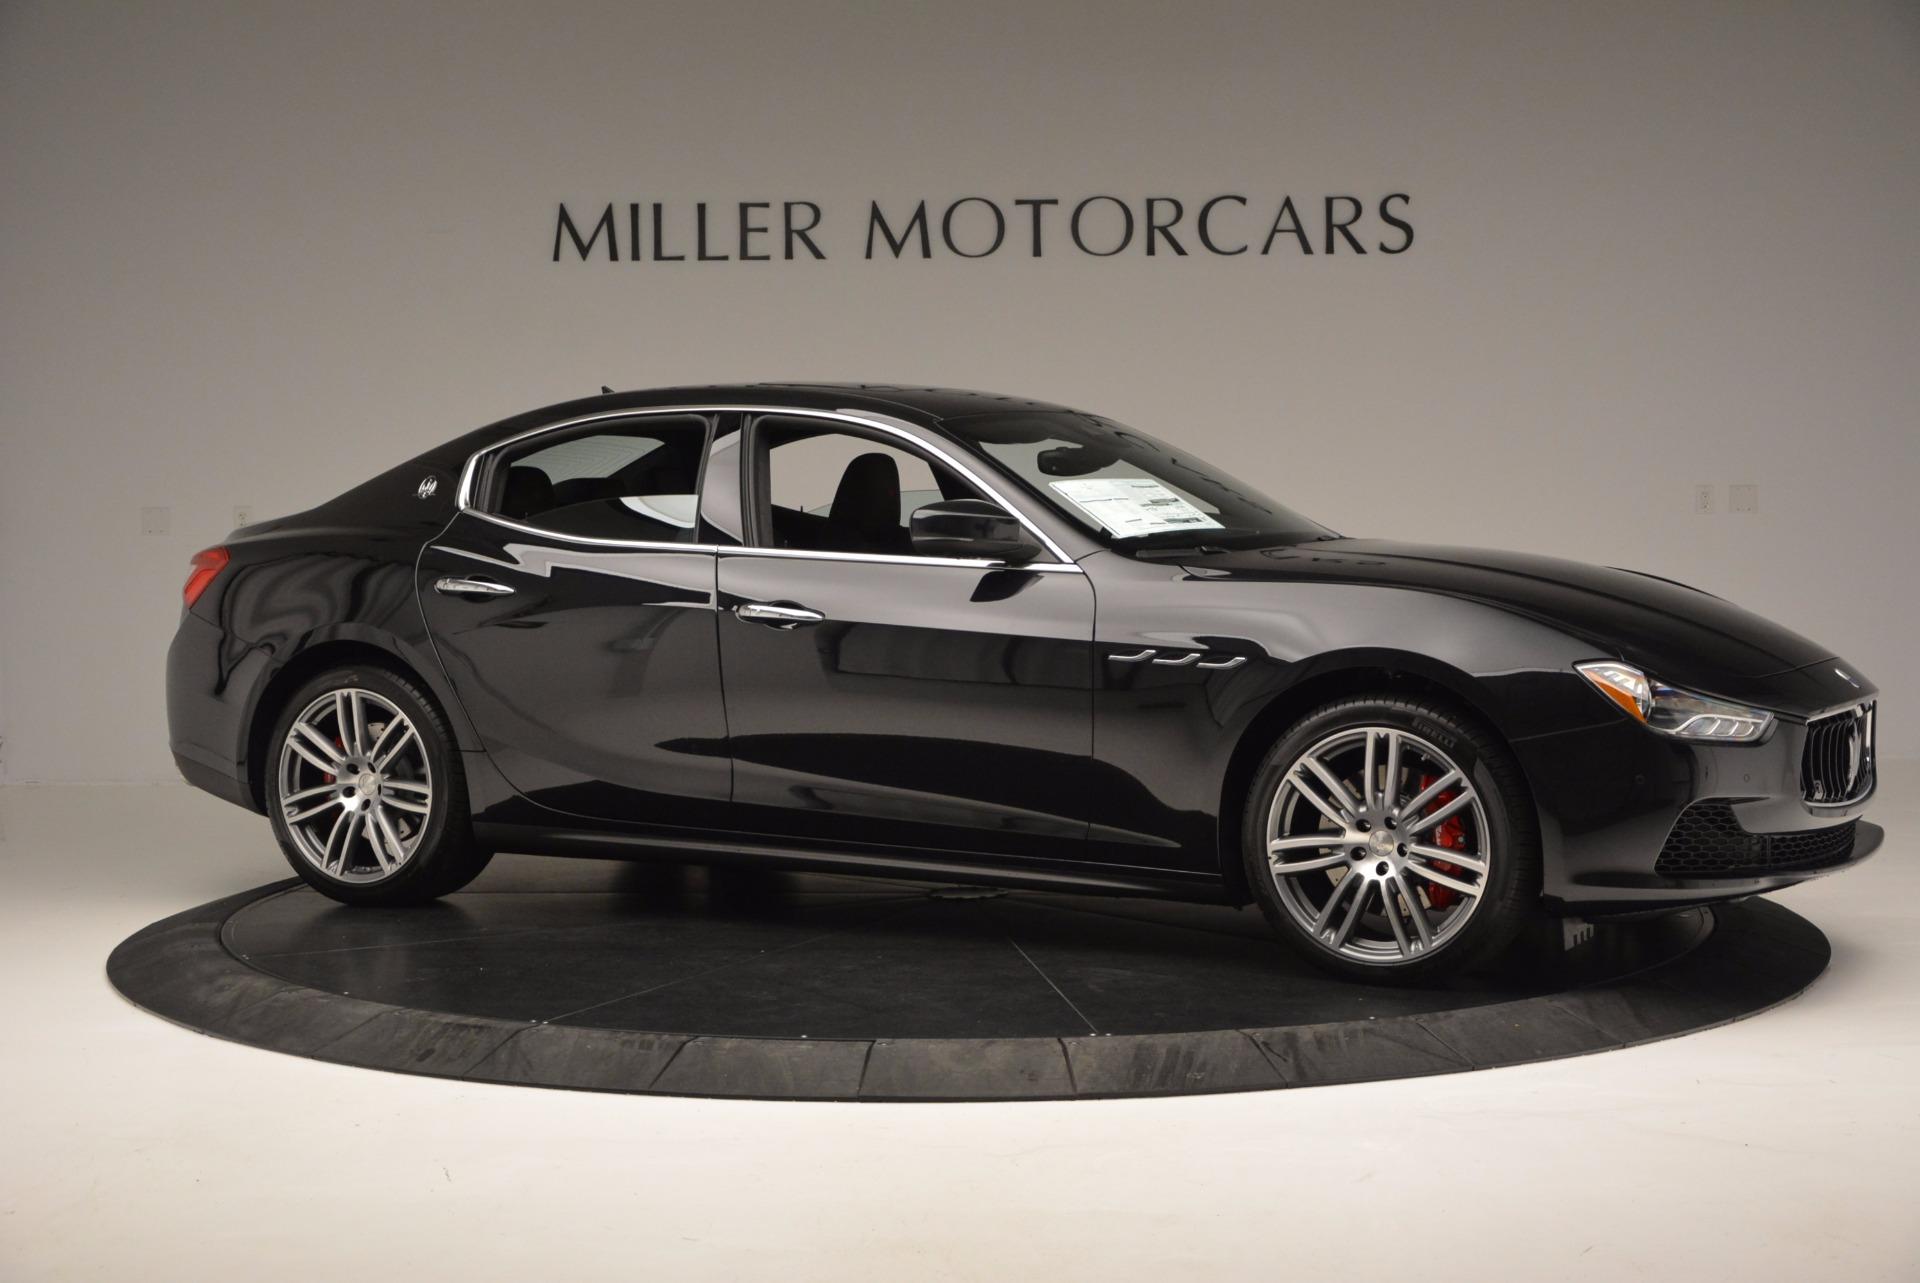 New 2017 Maserati Ghibli S Q4 For Sale In Greenwich, CT 1114_p10